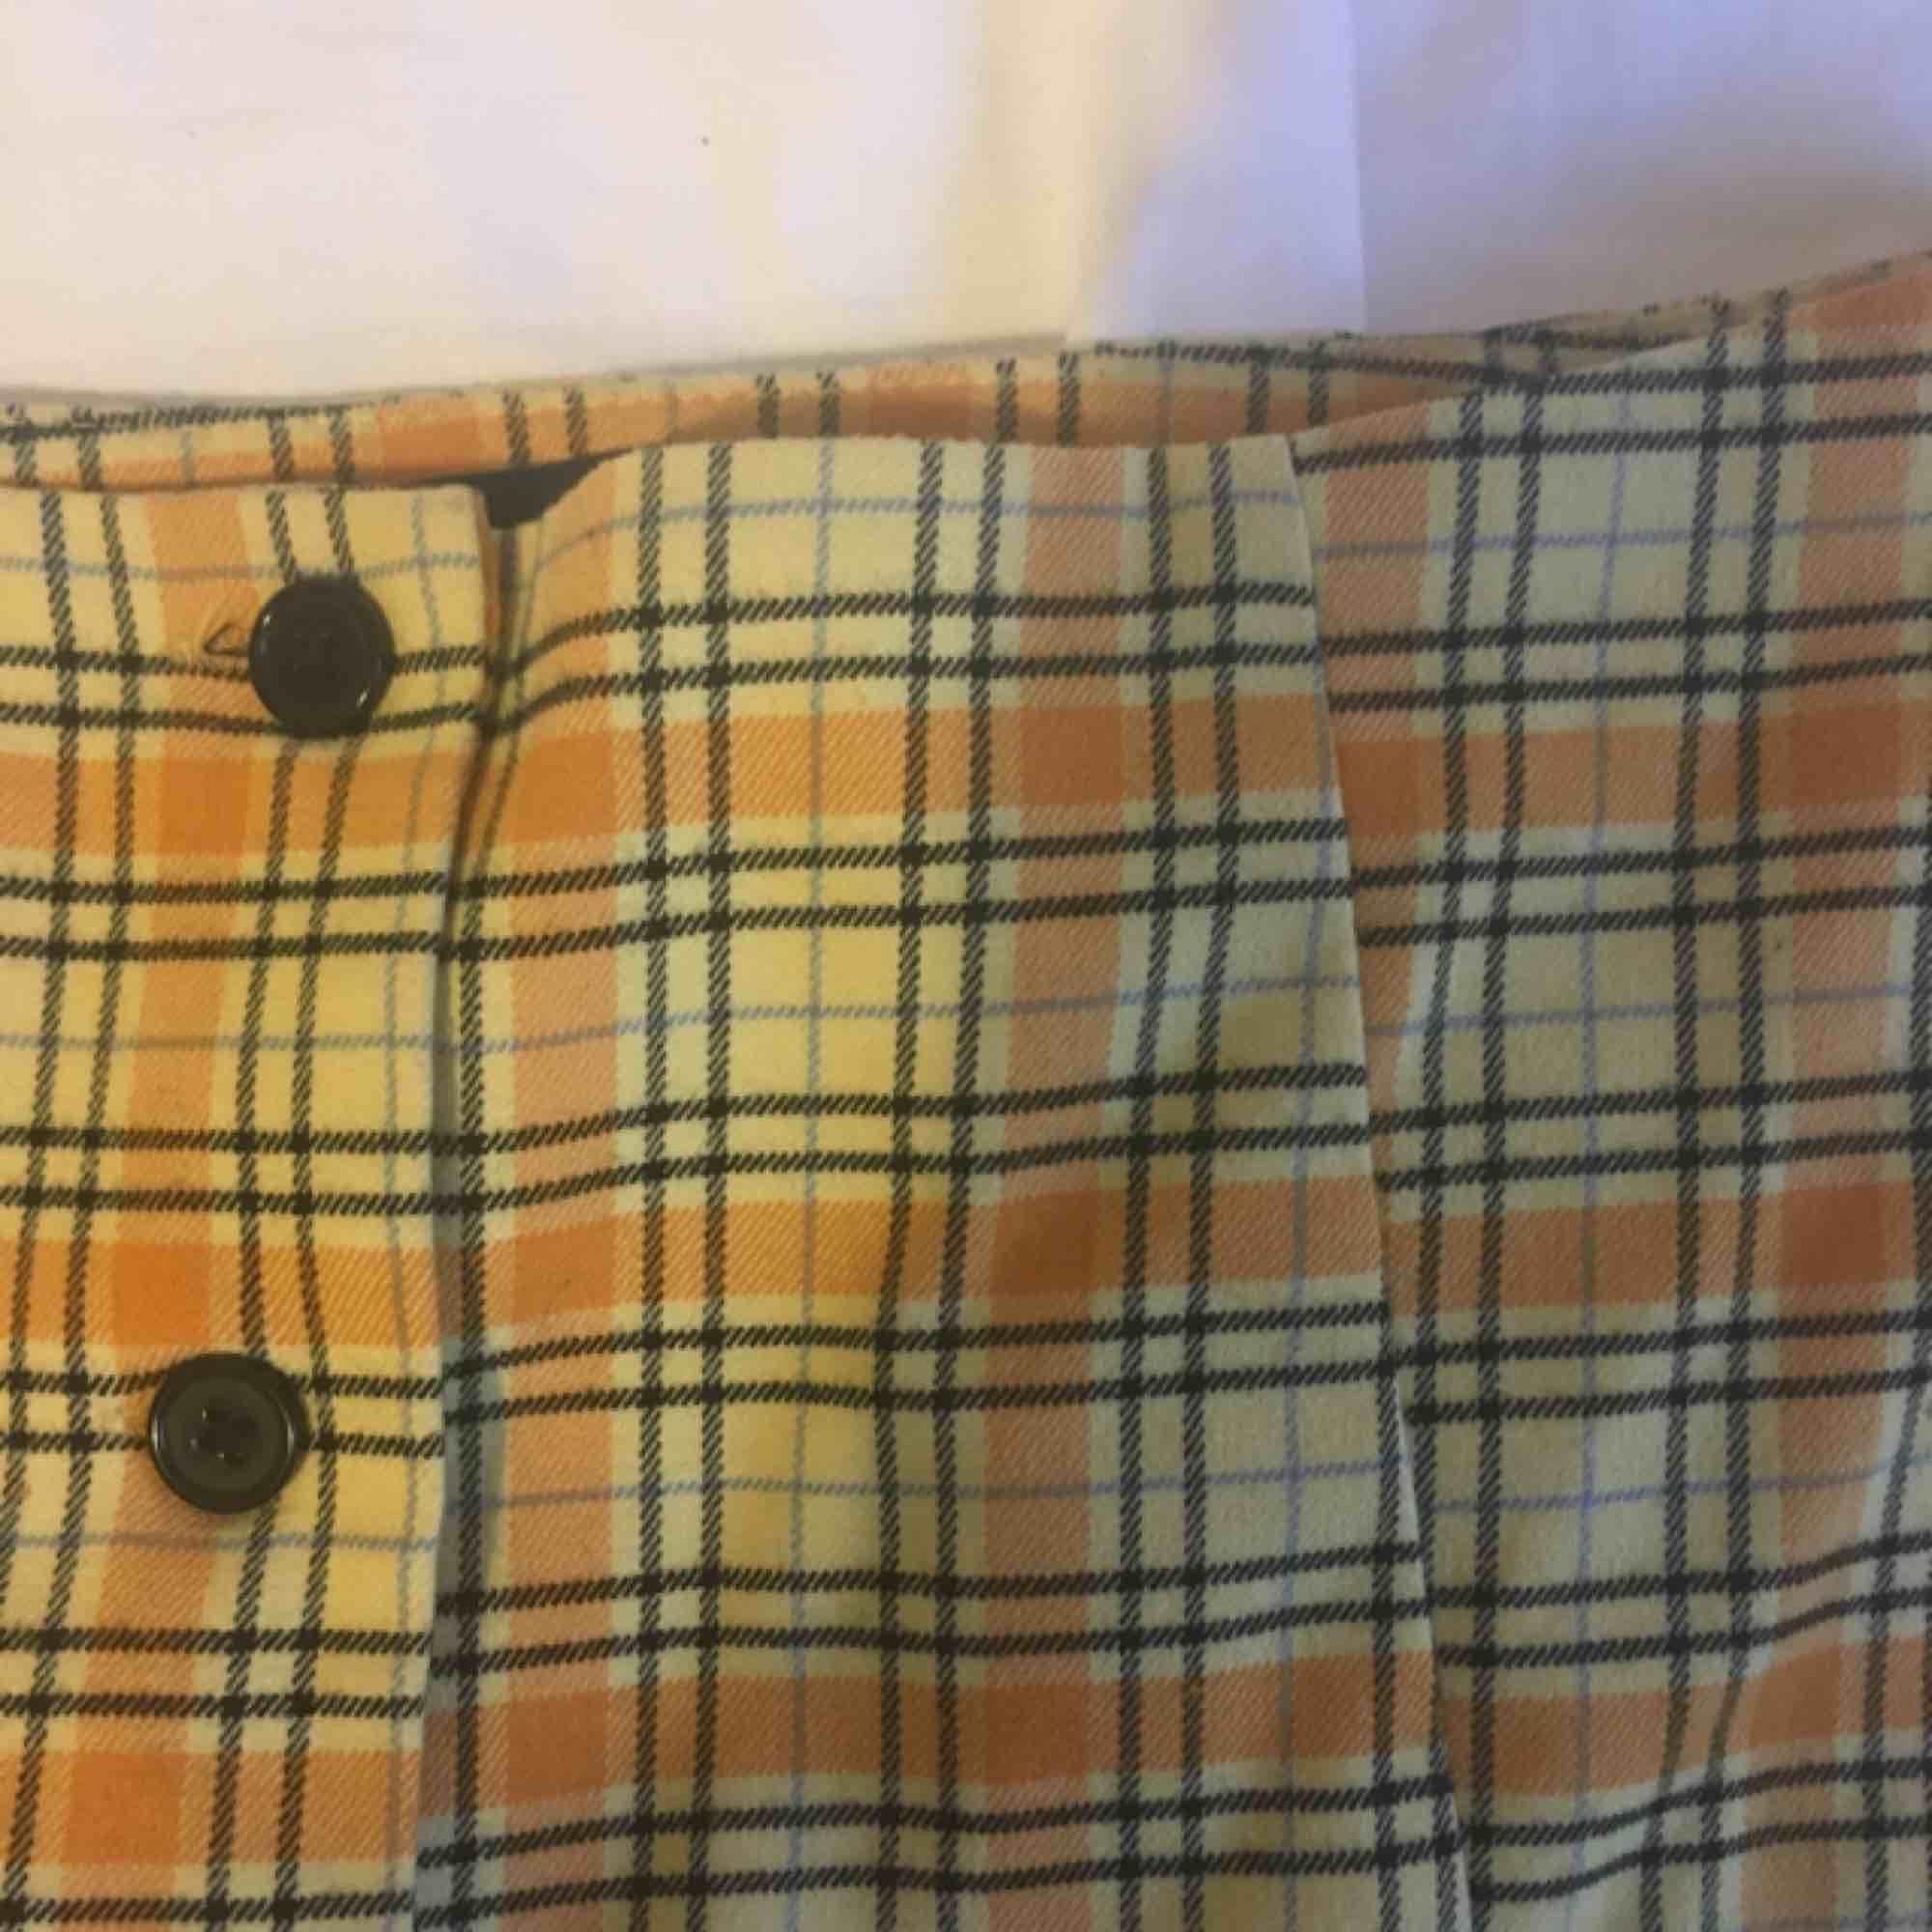 asnajs kjol från monki, köpt för 250kr och i toppskick! använd ett fåtal gånger, tyvärr för stor för mig som har 36:(  skriv för mer info, möter upp i Göteborg elr så får köparen betala frakt. puss<3. Kjolar.